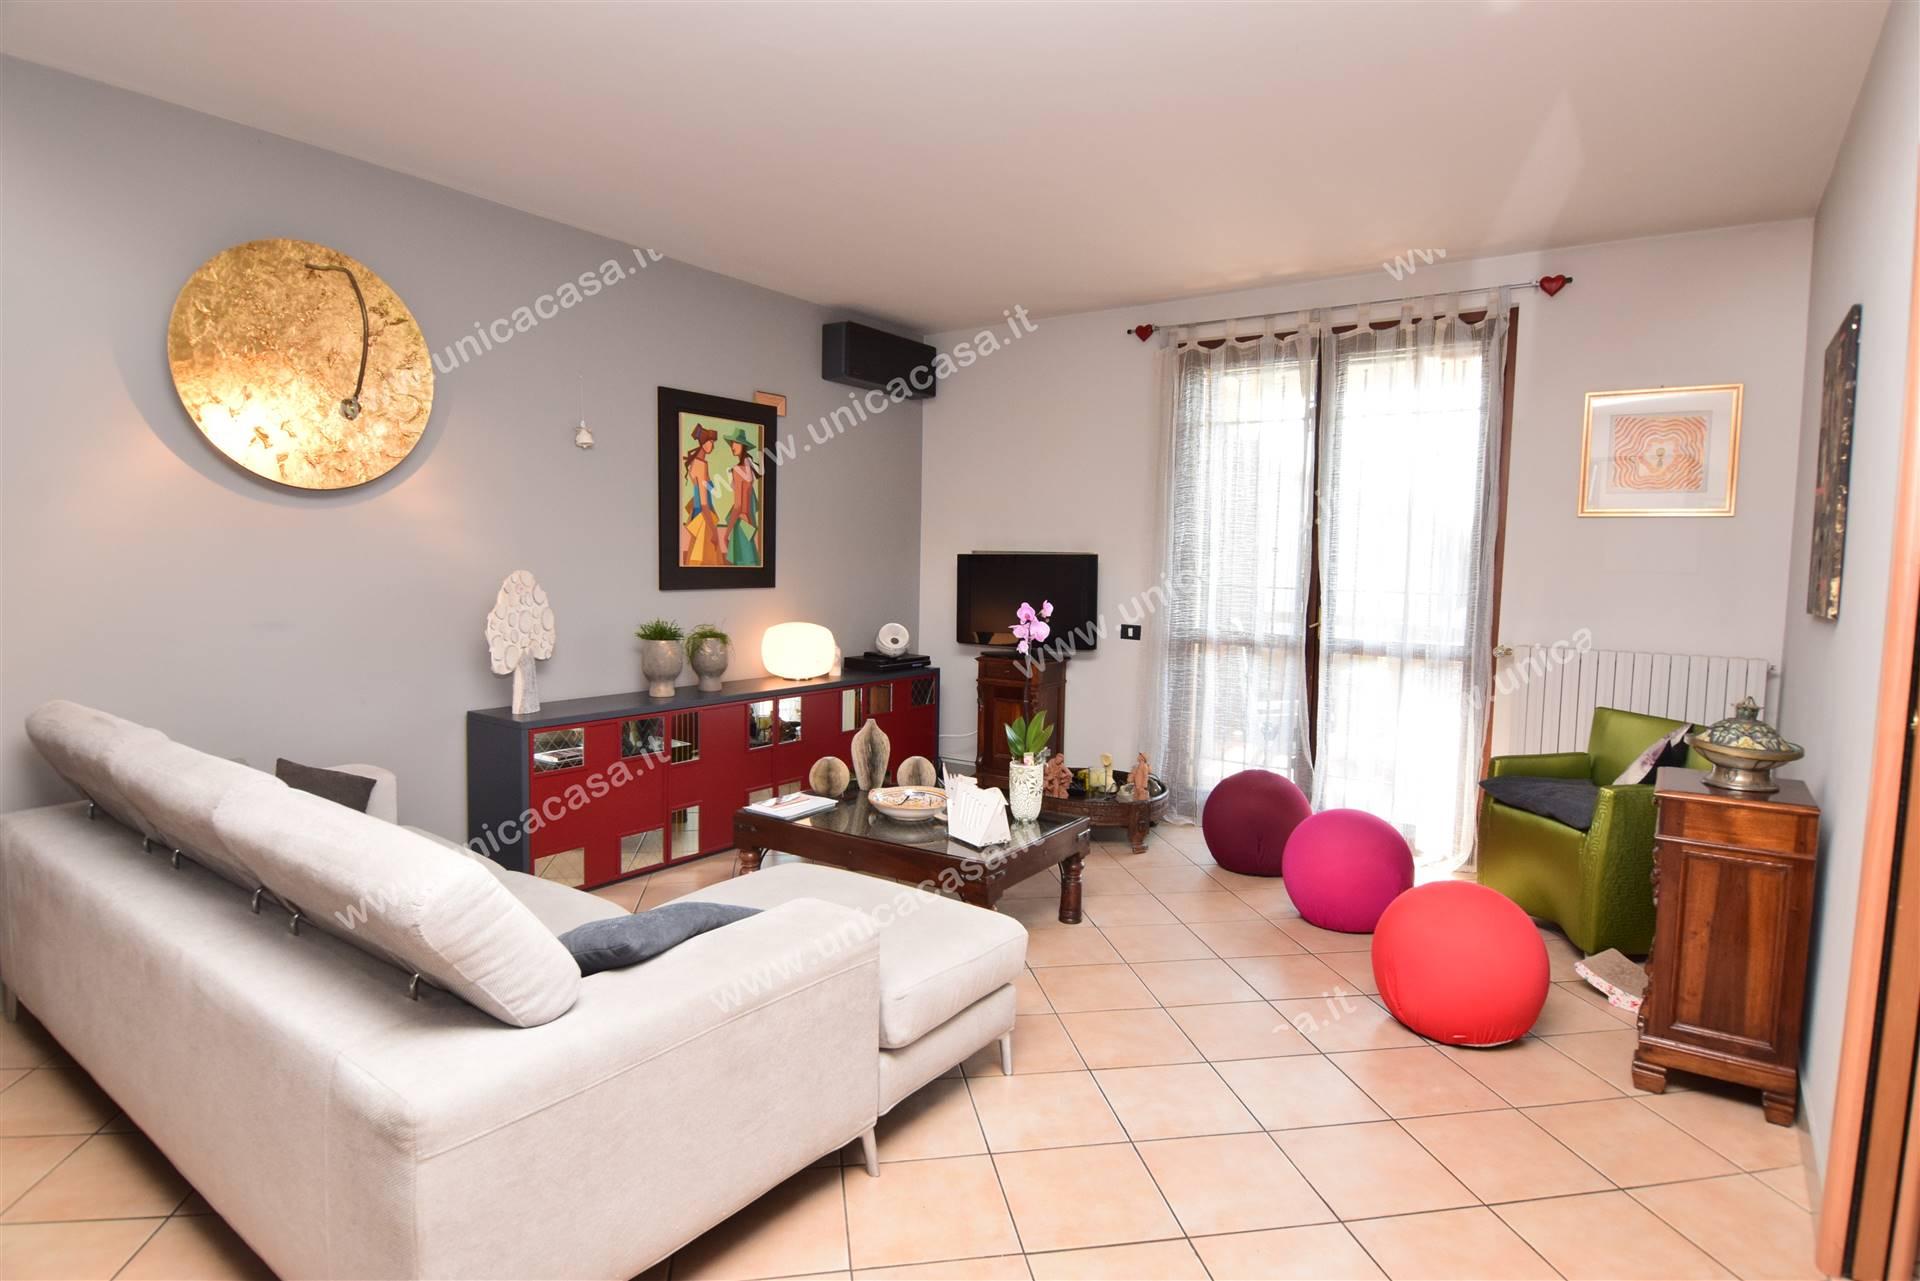 Appartamento in vendita a Treviolo, 3 locali, prezzo € 157.000   PortaleAgenzieImmobiliari.it